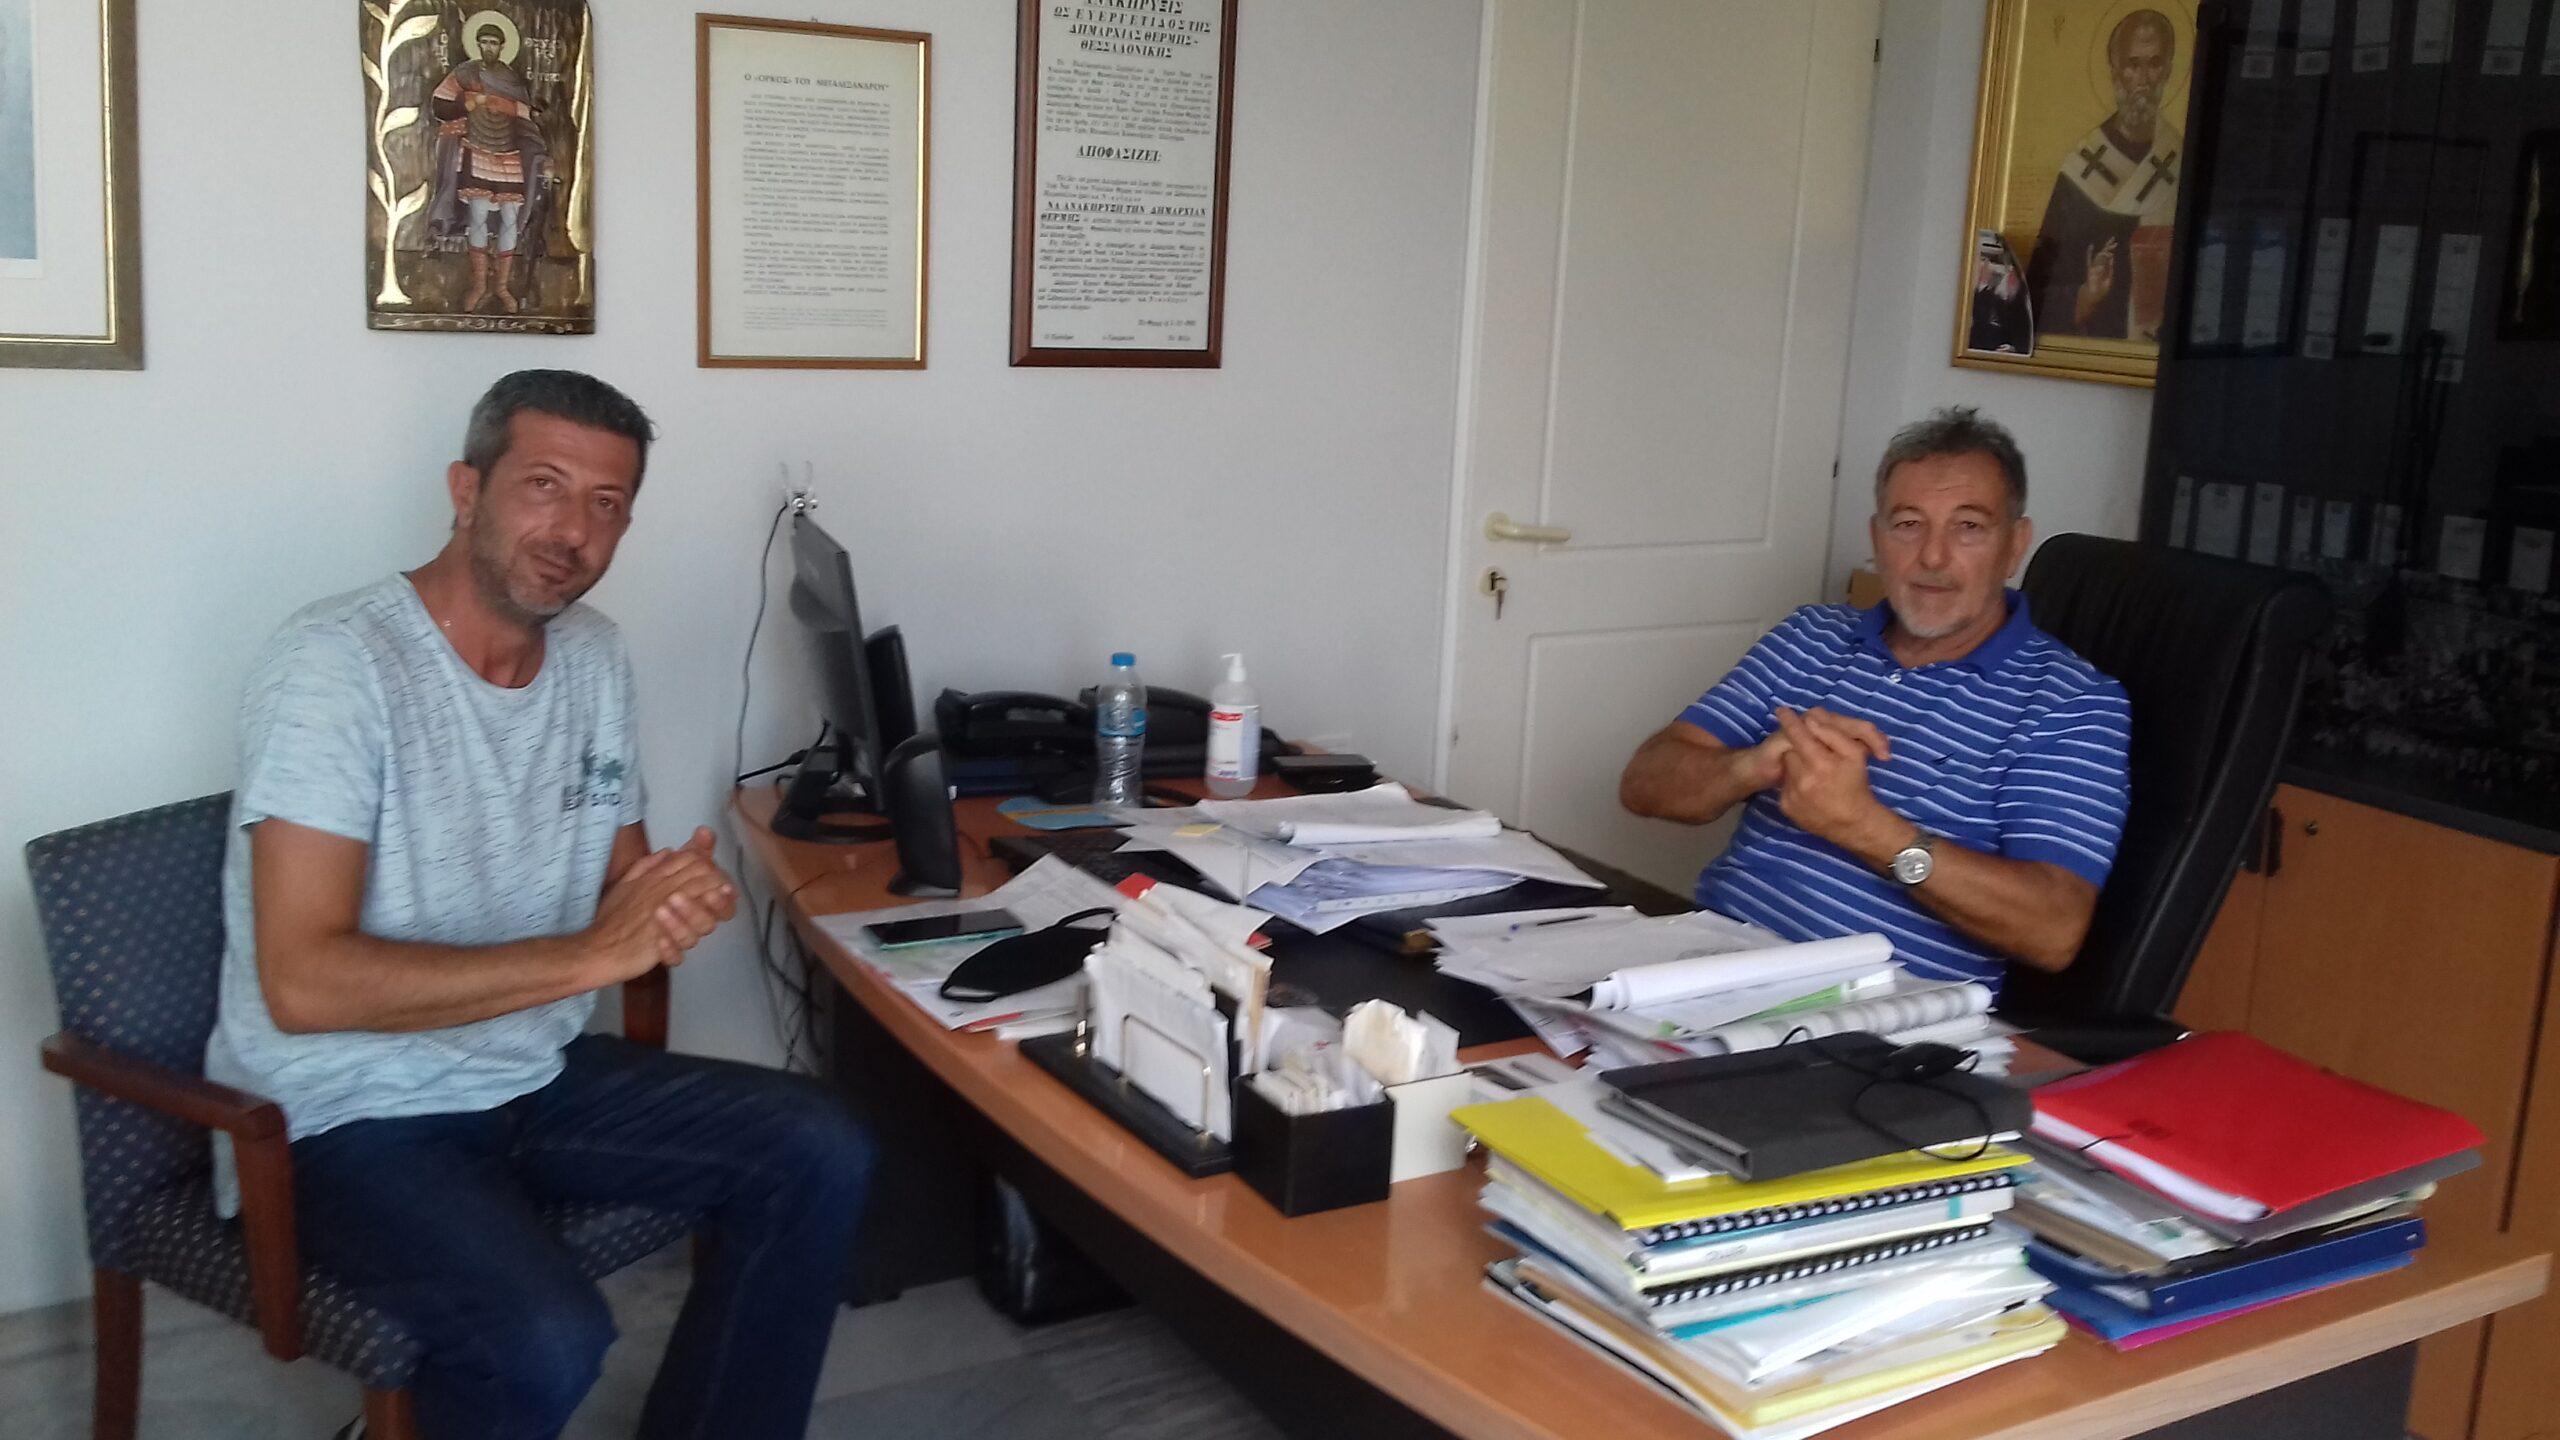 Συνάντηση του προέδρου του ΕΚΘ Χάρη Κυπριανίδη με τον δήμαρχο Θέρμης Θεόδωρο Παπαδόπουλο.